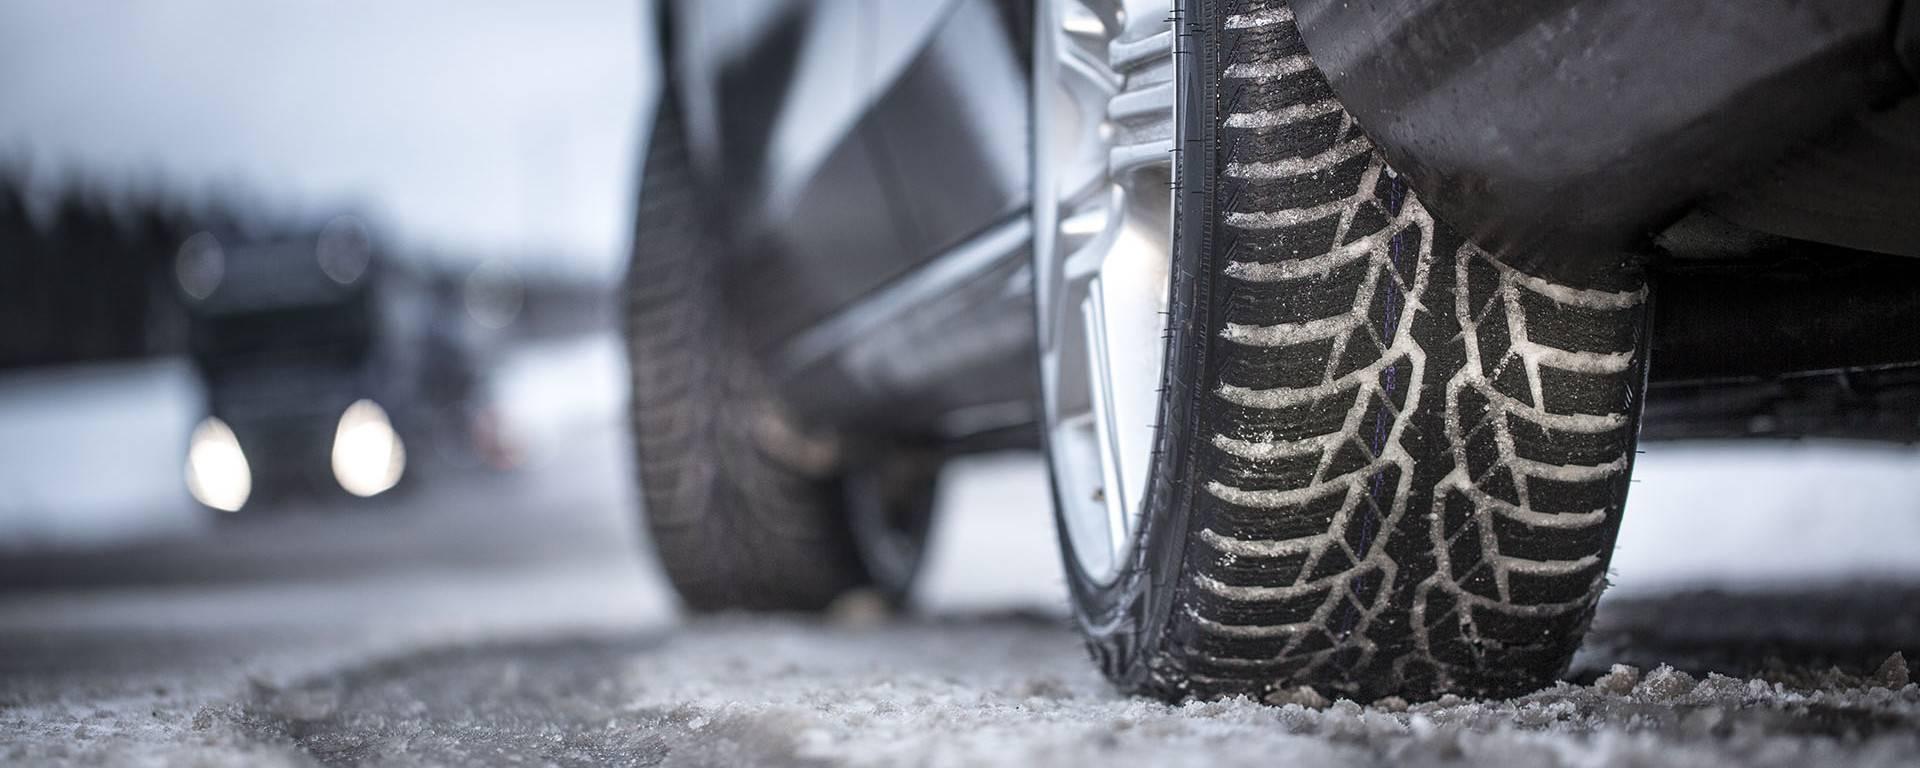 Cambio gomme: l'obbligo di circolare con pneumatici invernali